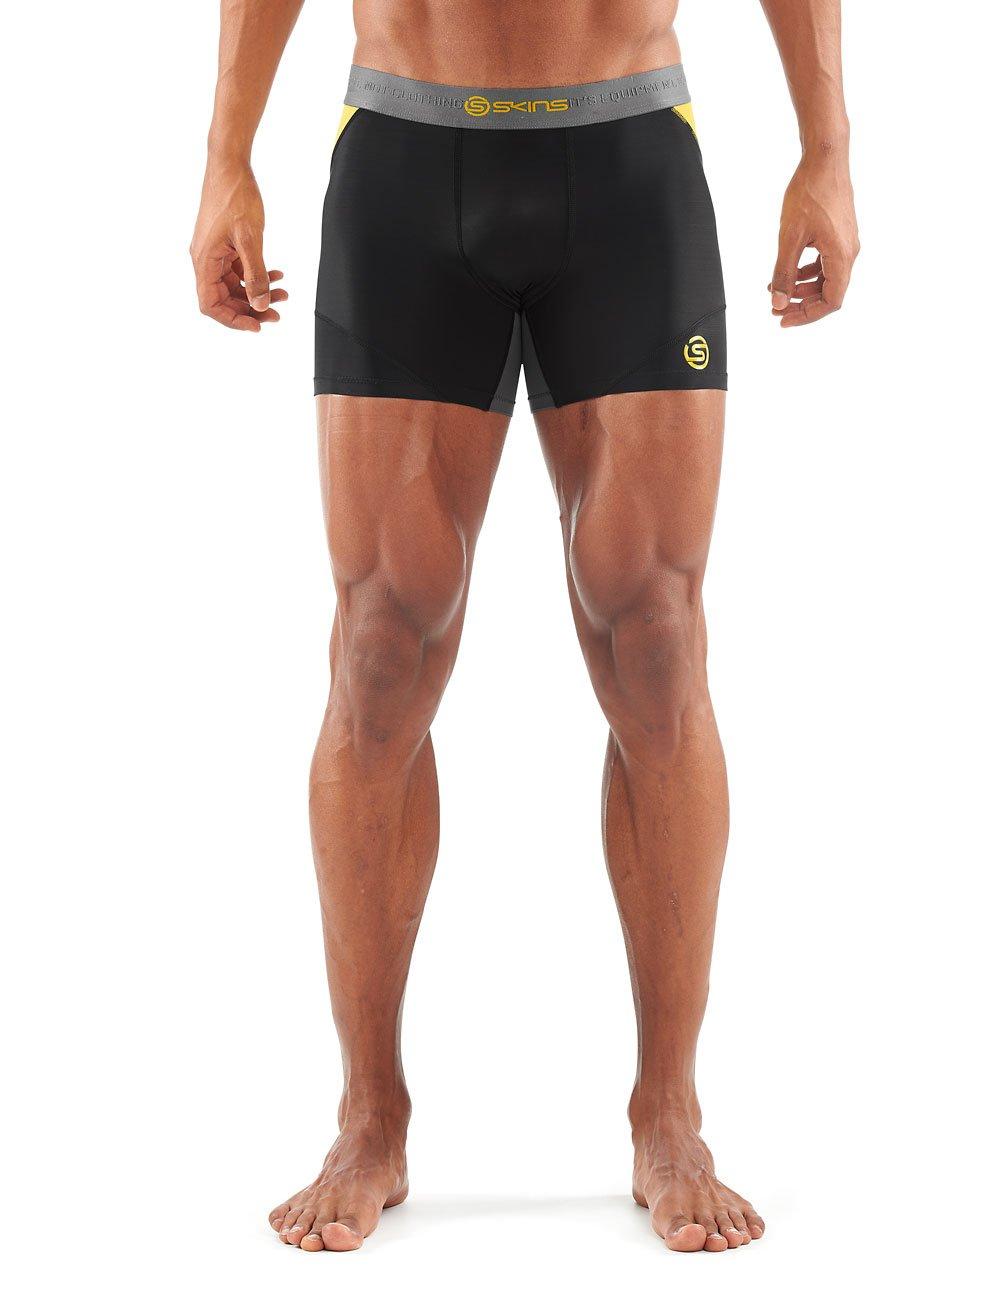 Skins DNAmic - Pantaloncini Uomo DA99050099